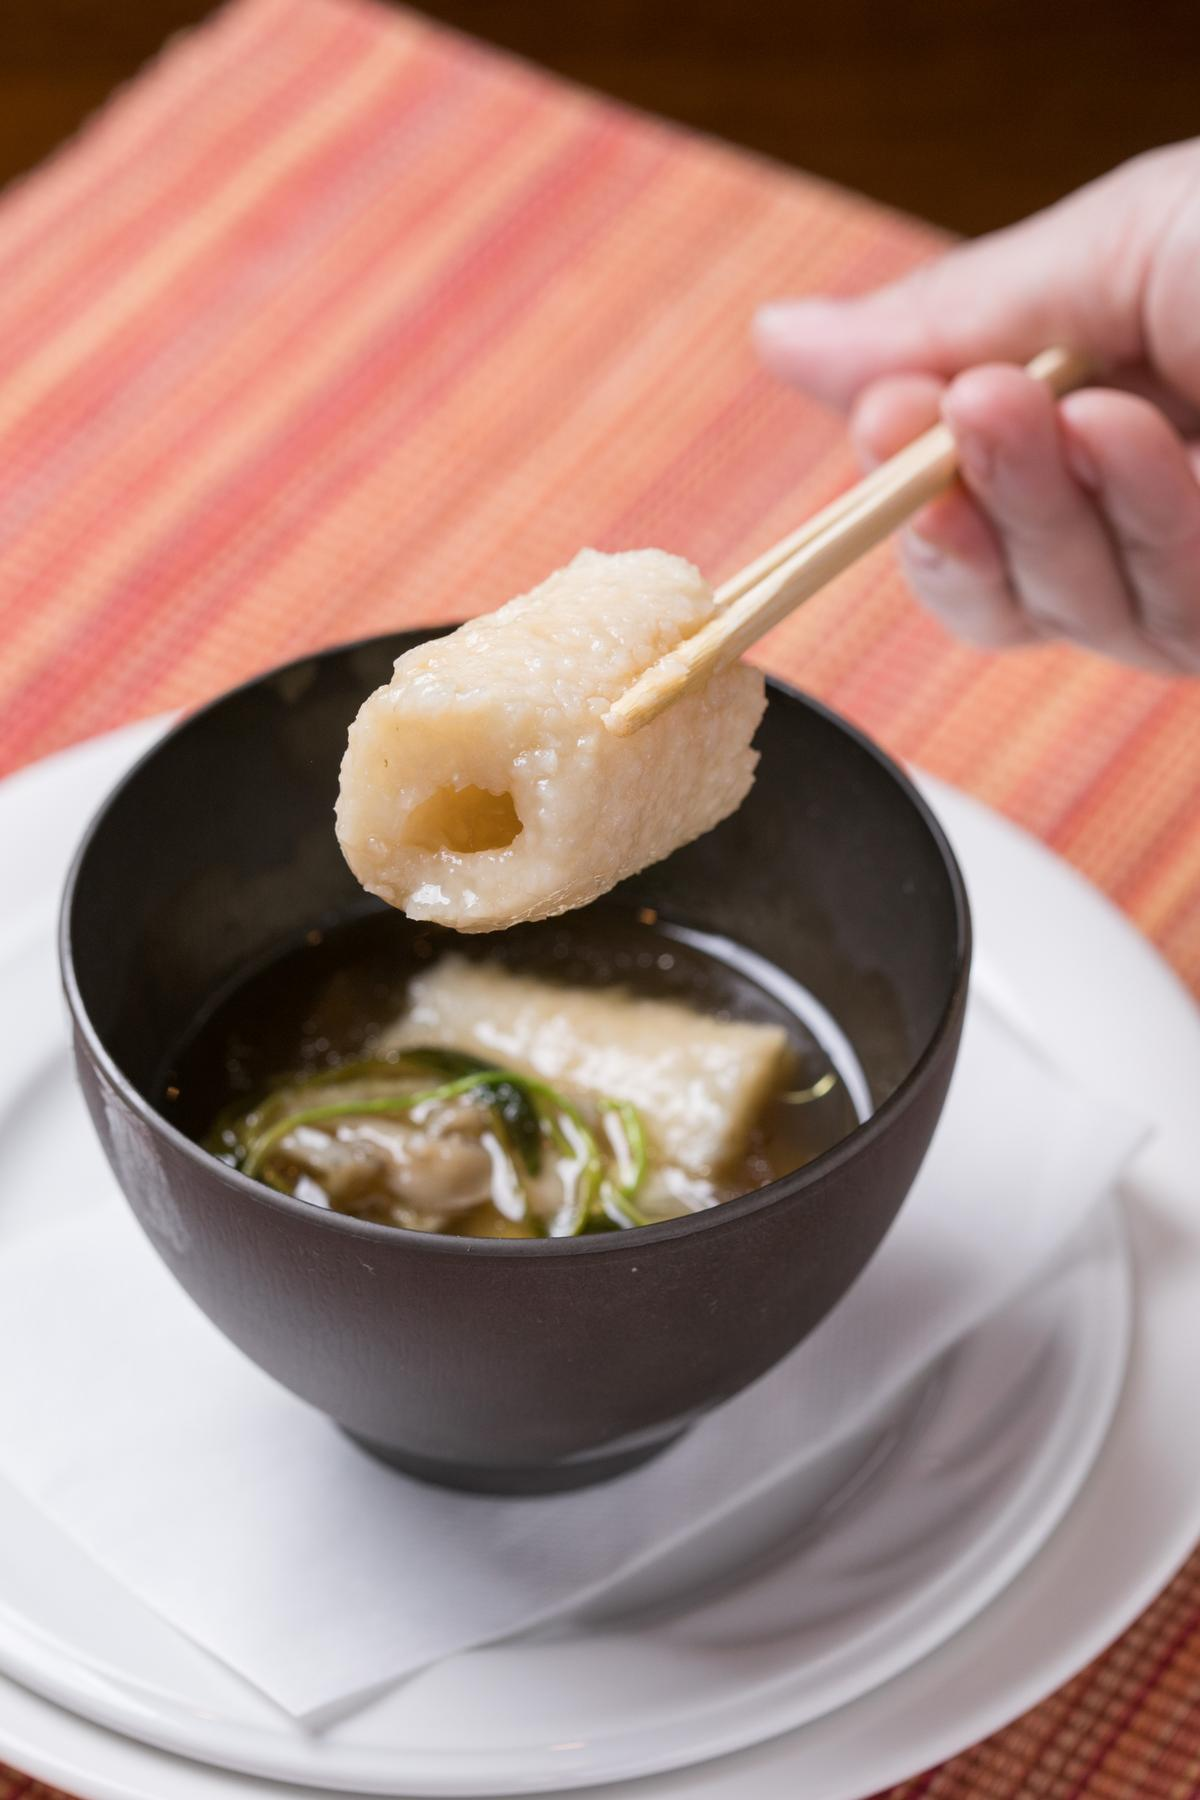 小林主廚為招待外國旅客破例端上米棒鍋,溫暖的醬油湯底果然鮮美濃郁,很有媽媽味。